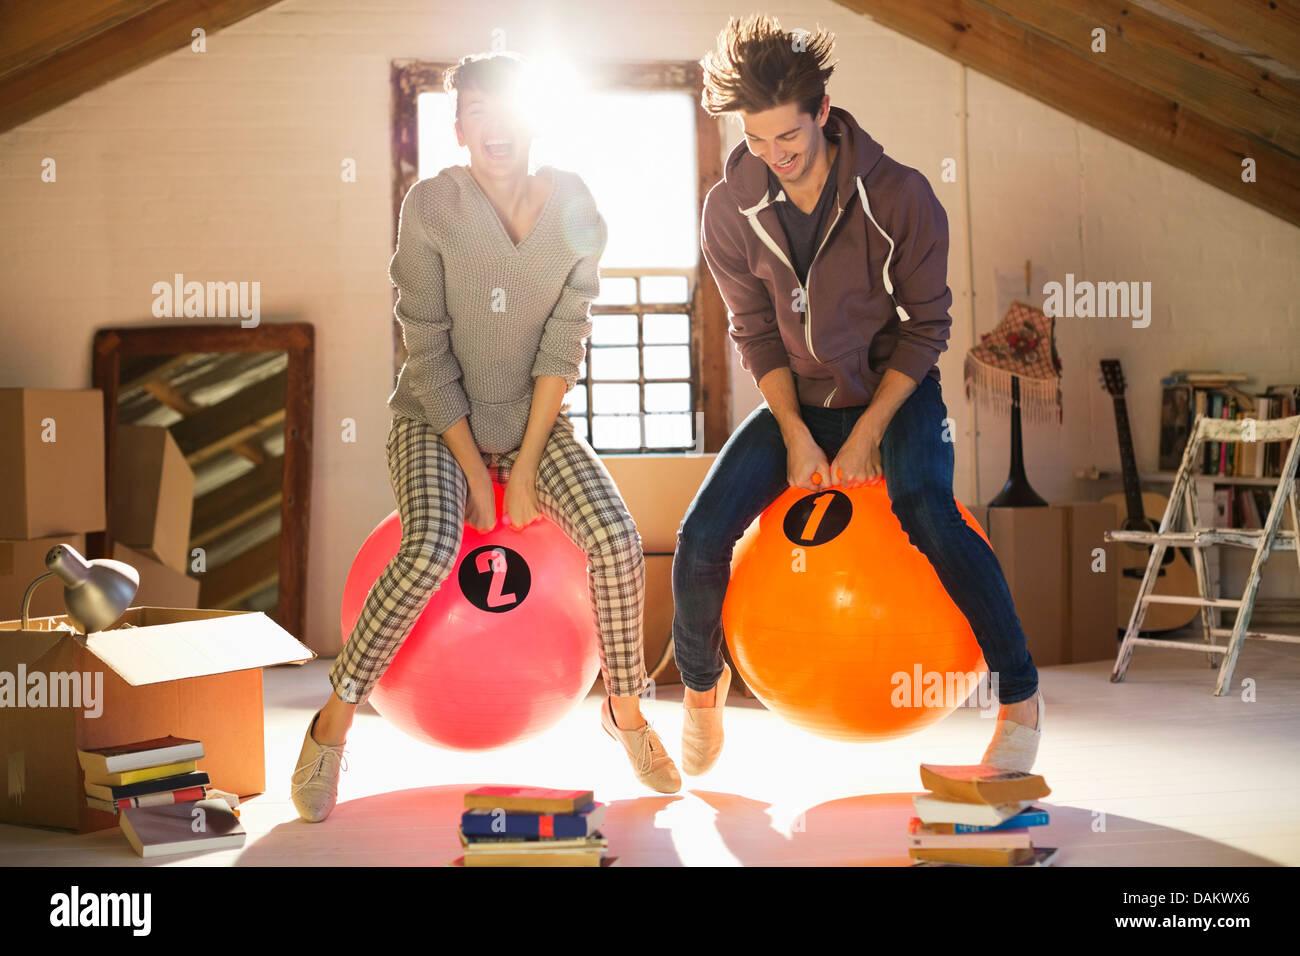 Giovane saltando sulle palle ginniche insieme Immagini Stock